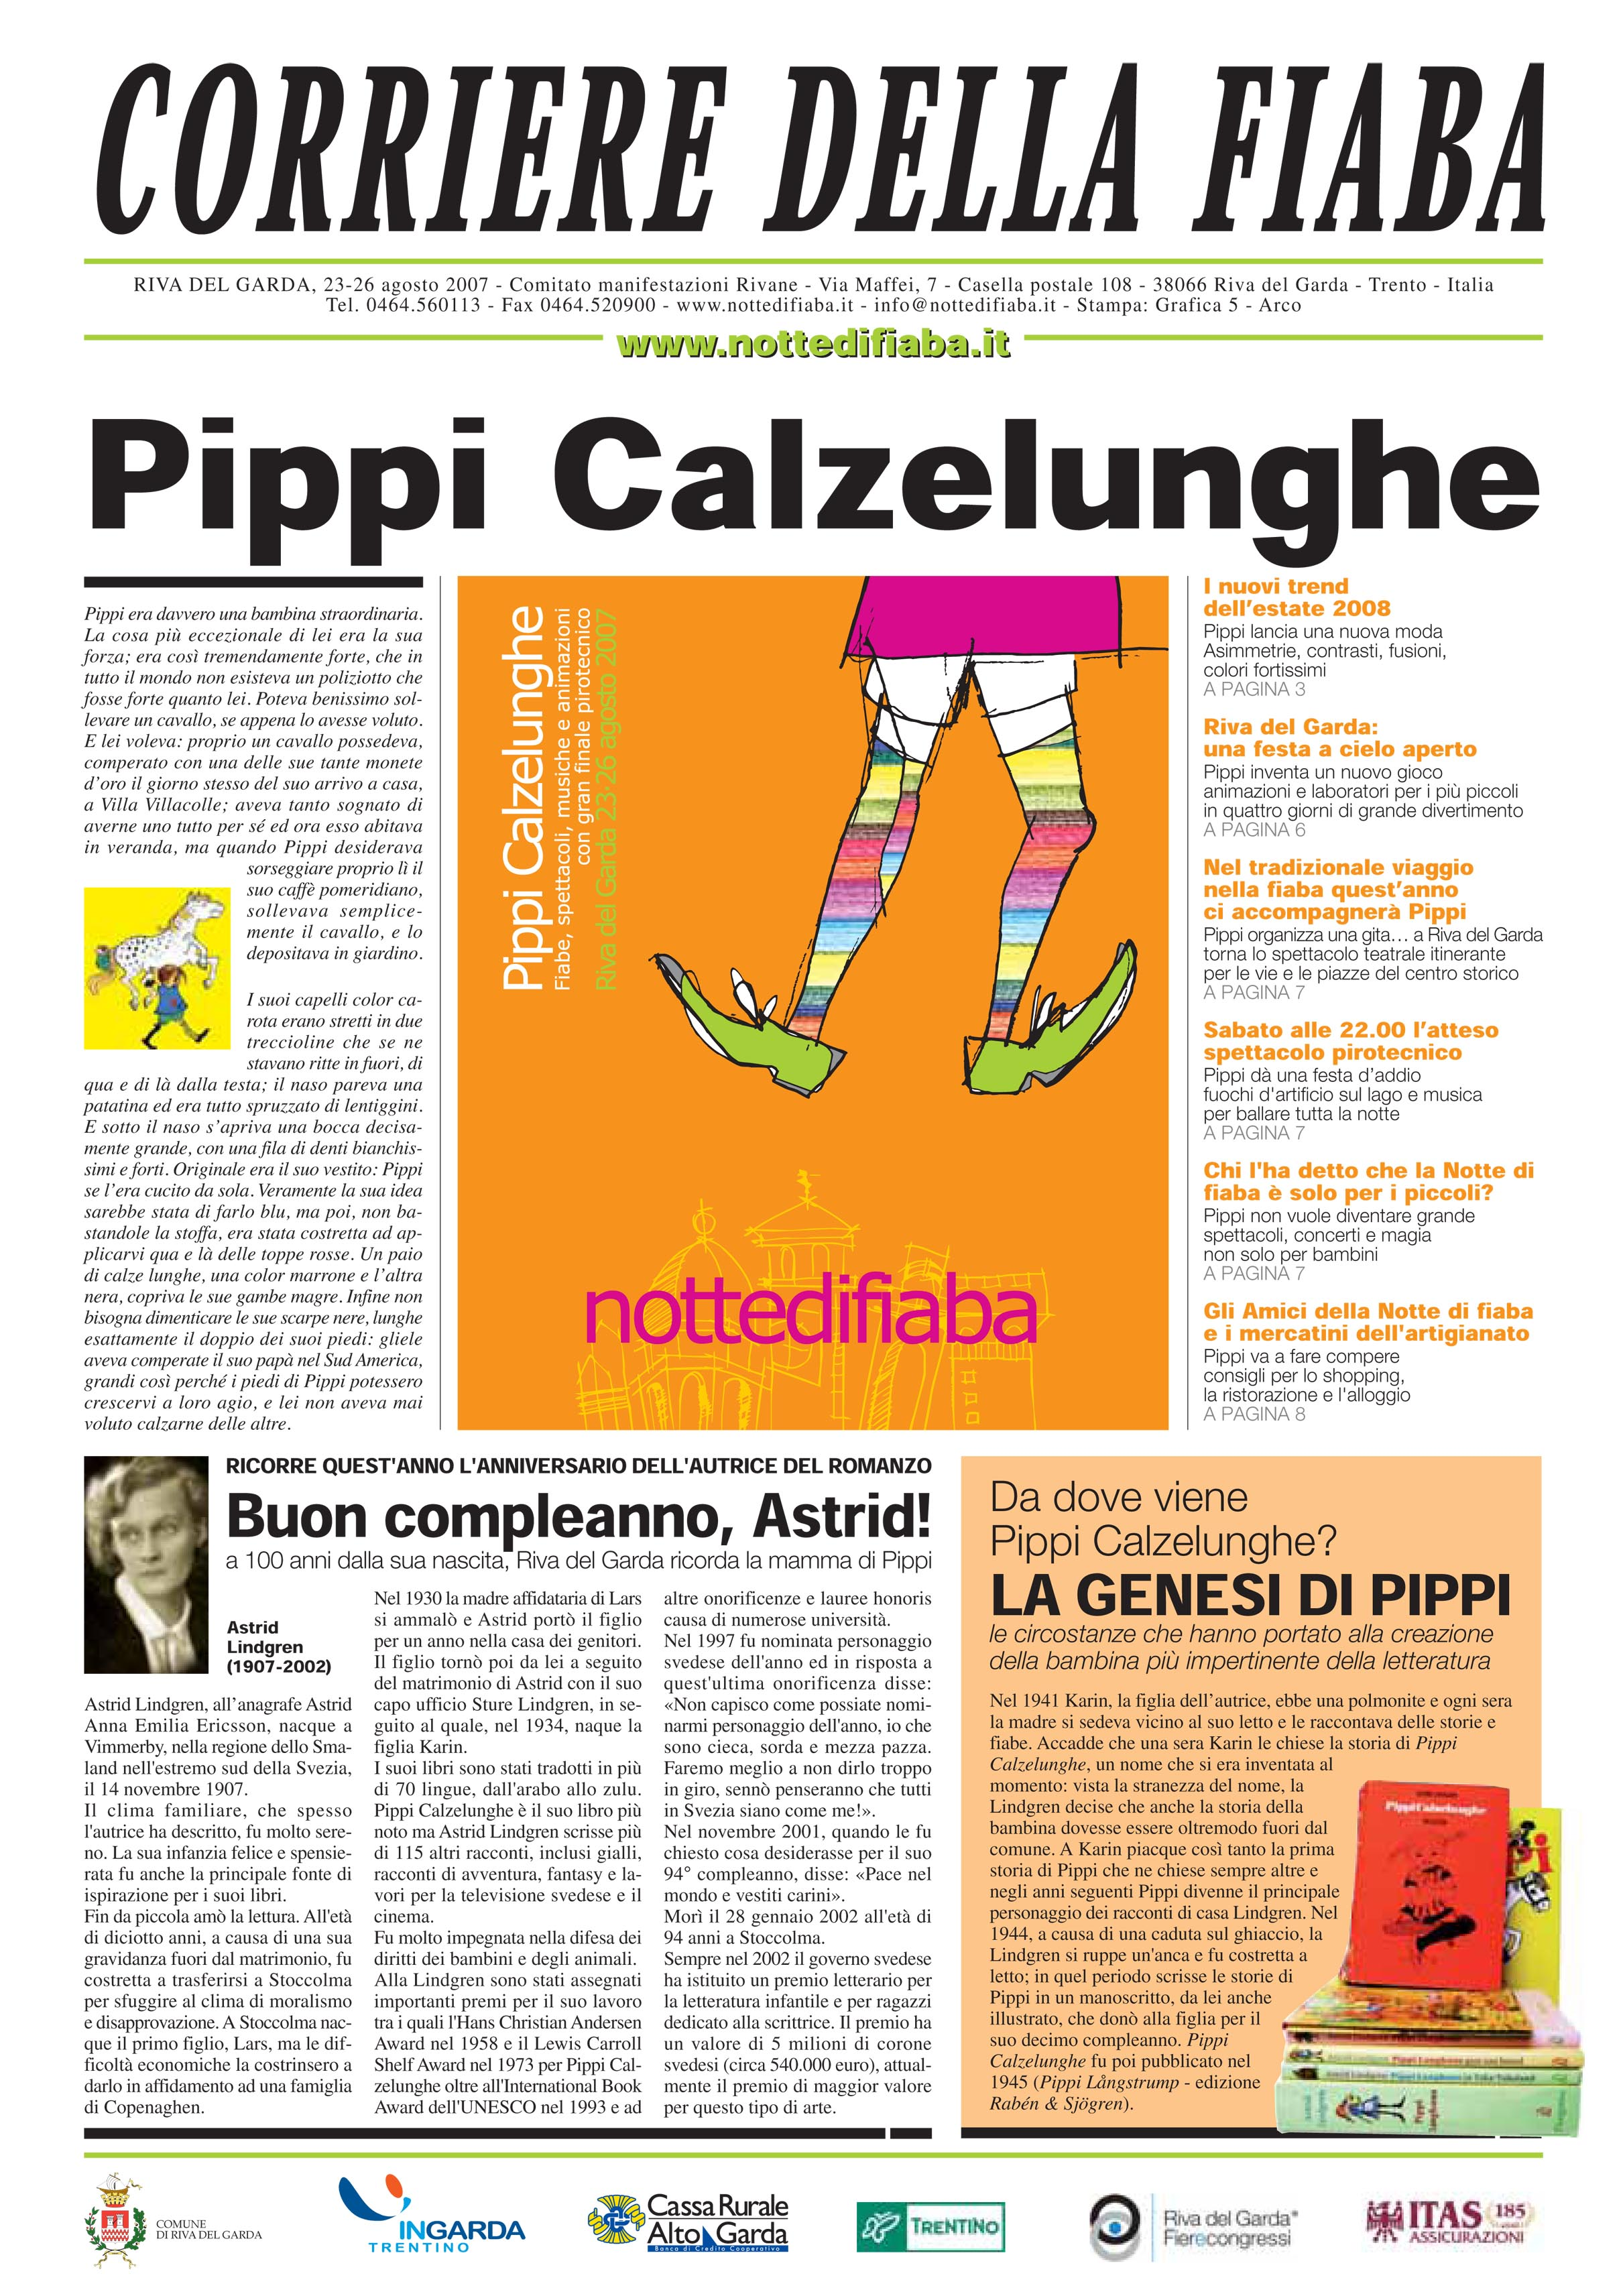 Corriere della fiaba 2007